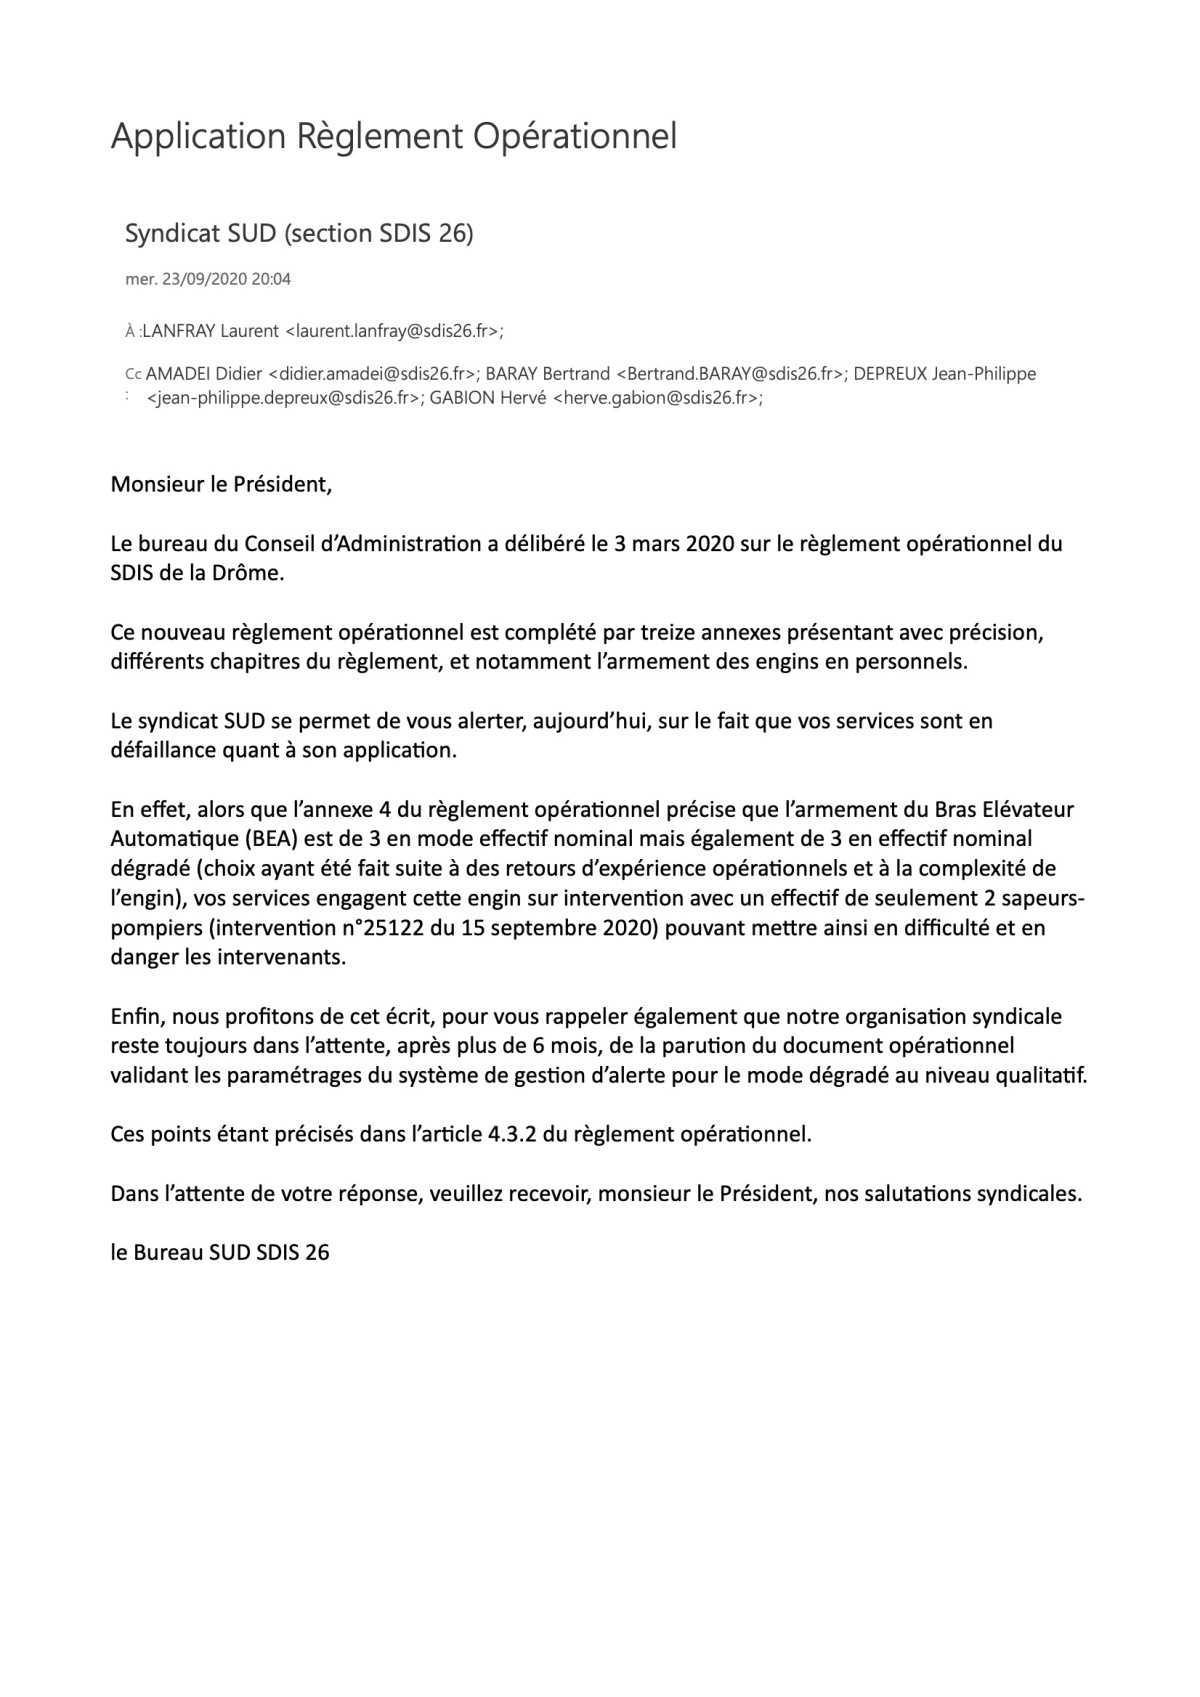 Application réglement opérationnel